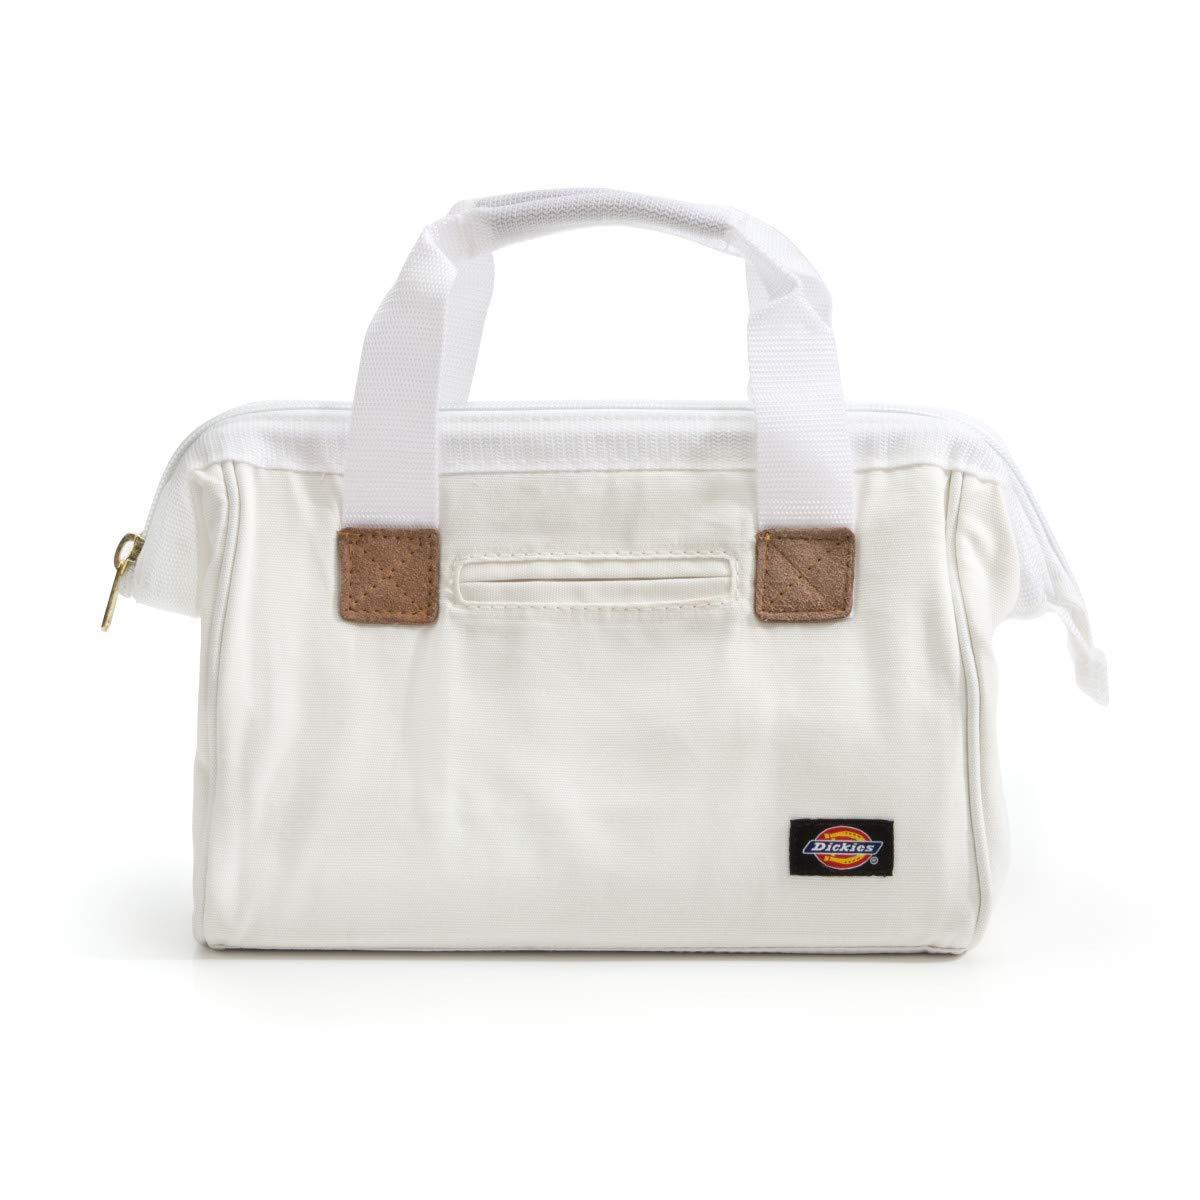 Dickies 57043 12-Inch Work Bag by Dickies Work Gear